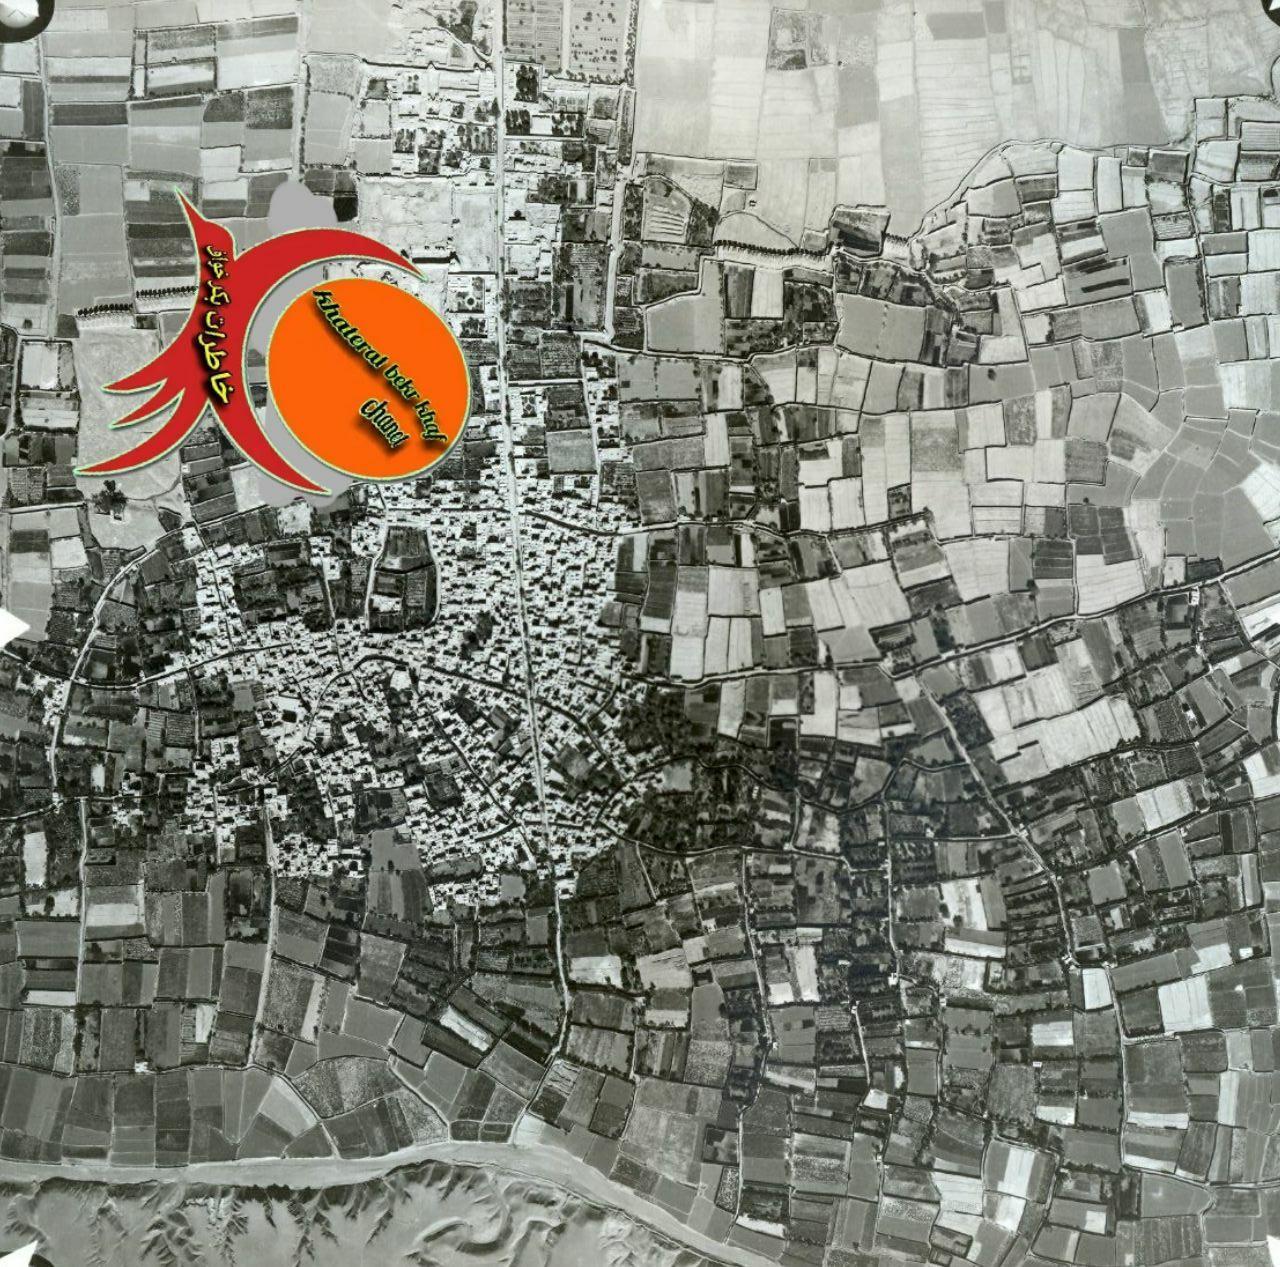 عکس هوایی از شهر خواف در سال 1333